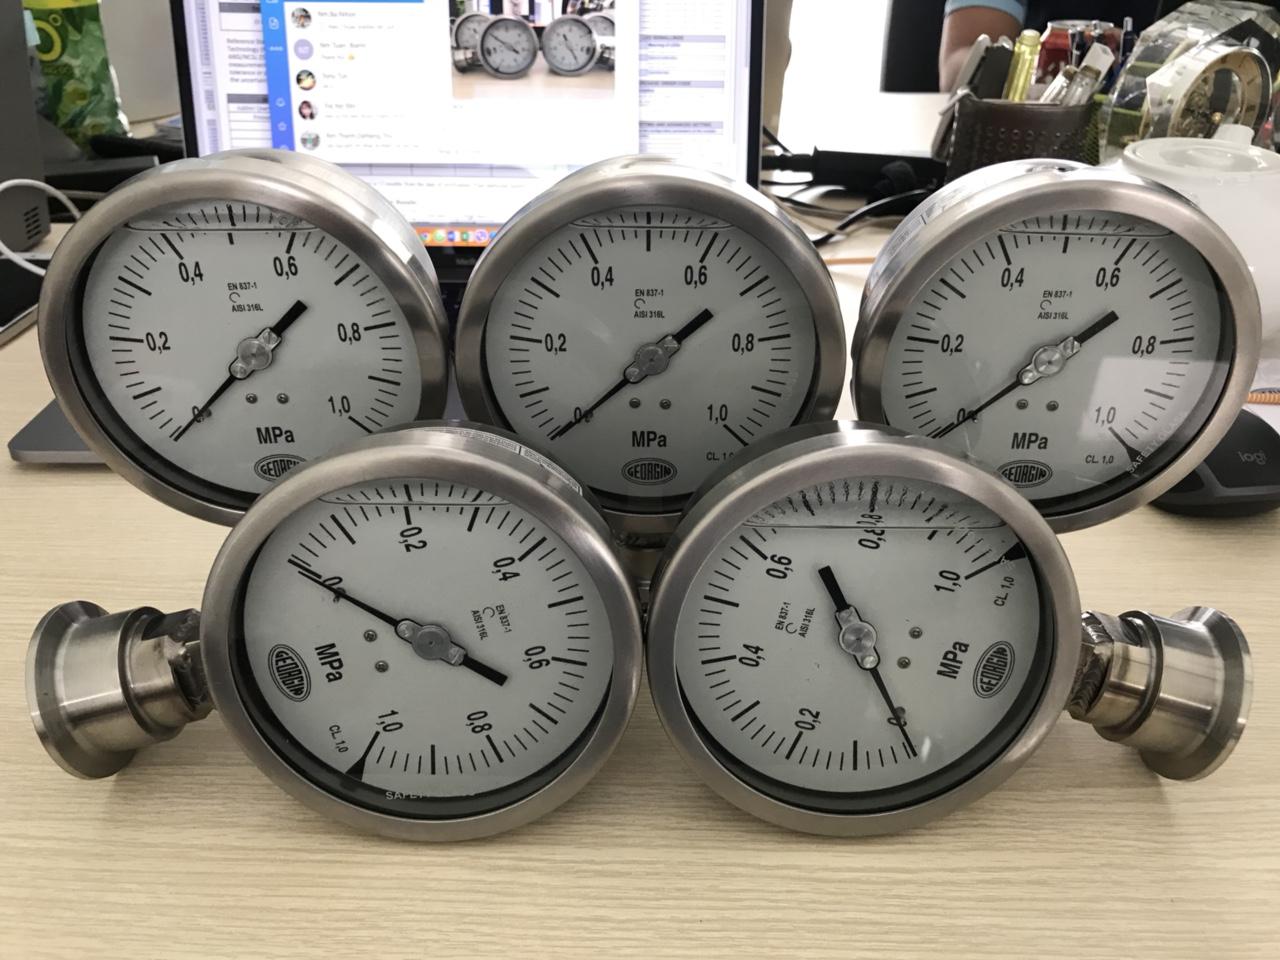 Đồng hồ áp suất màng đo hóa chất Georgin - Pháp